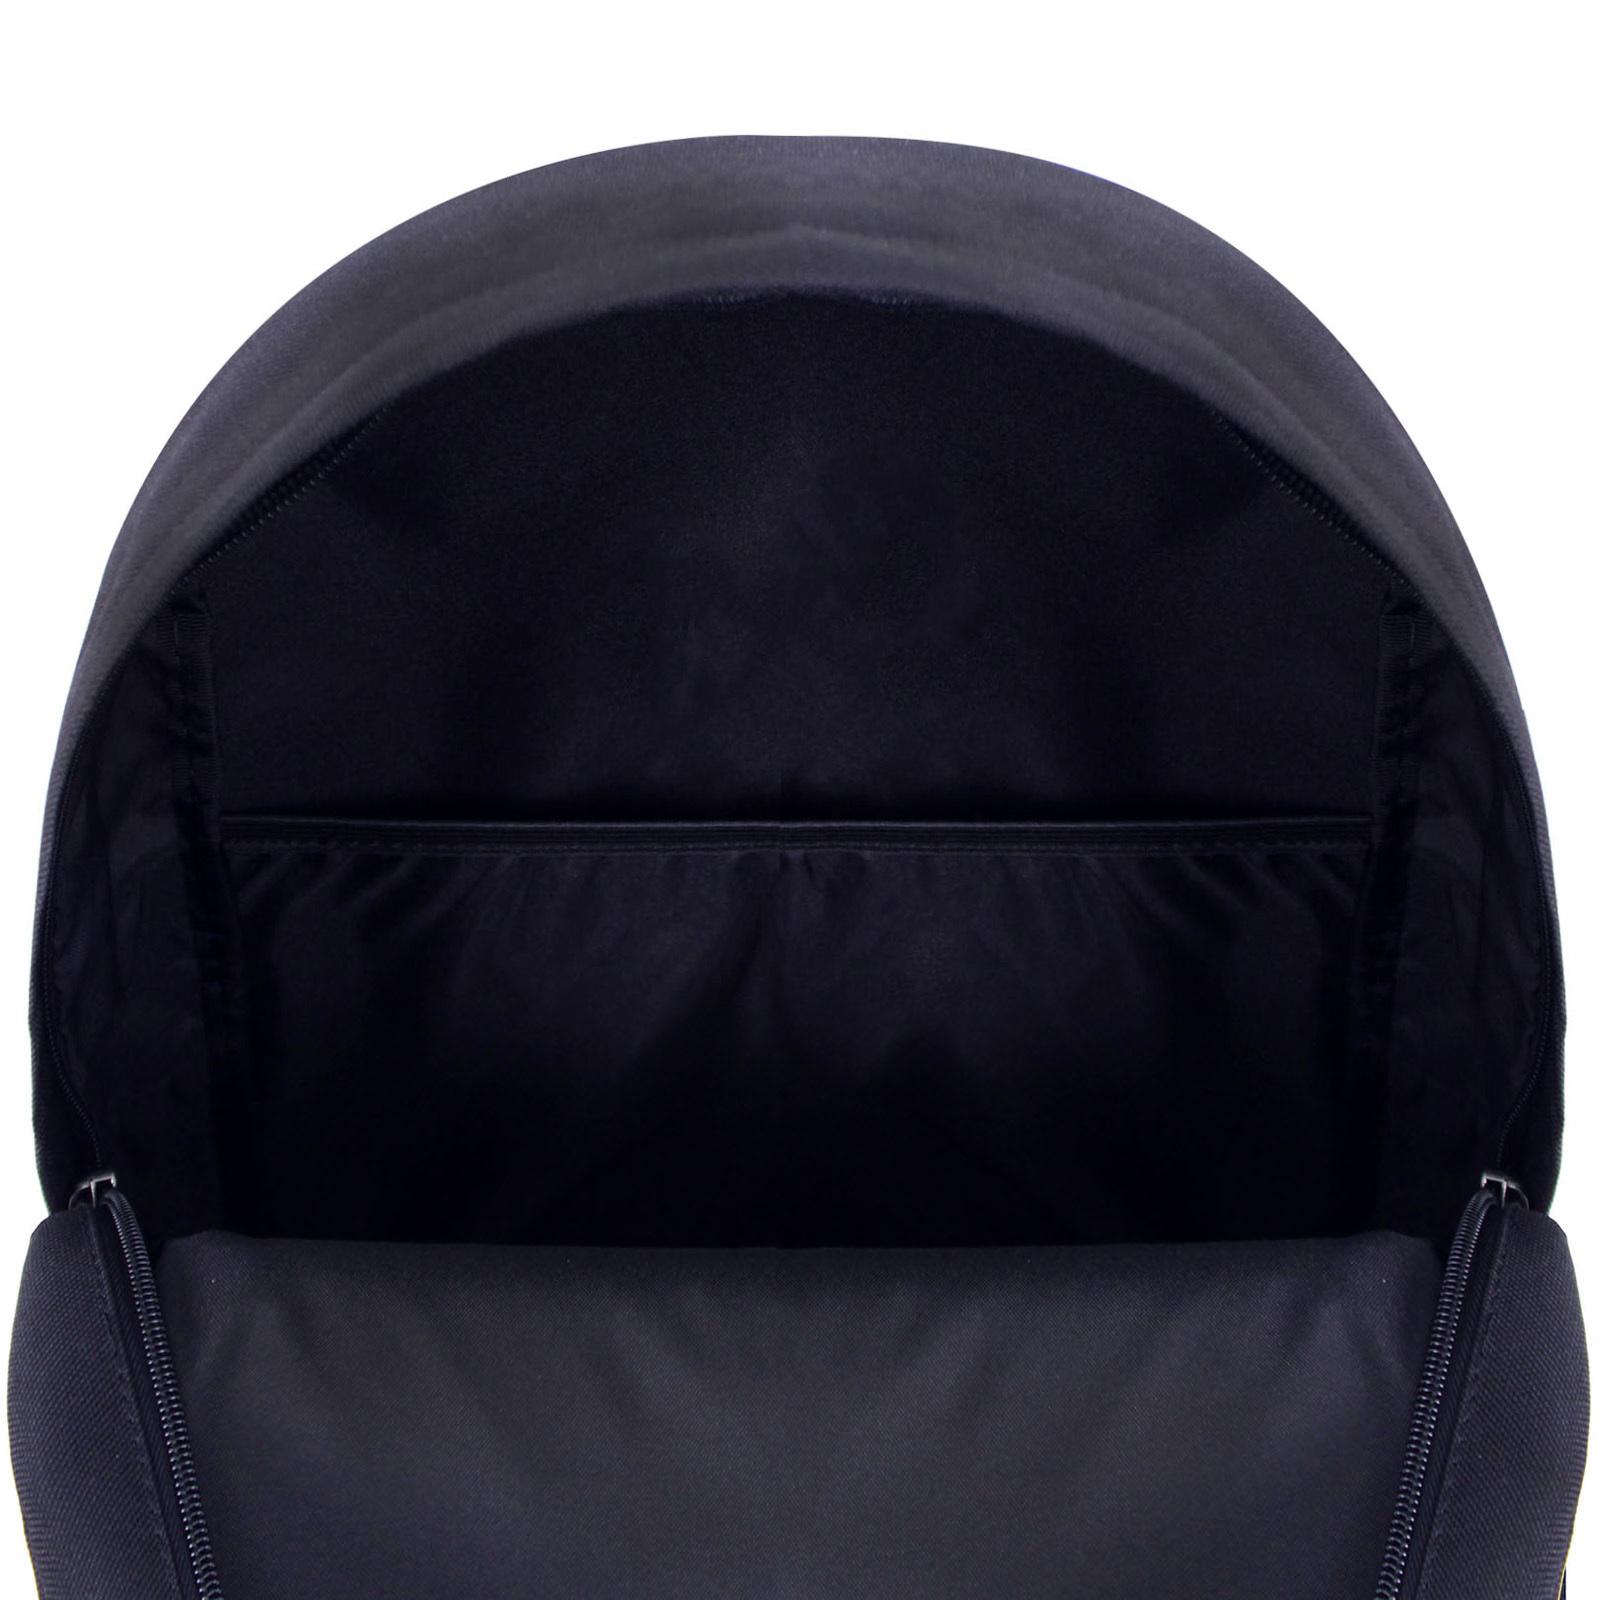 Рюкзак Bagland Молодежный W/R 17 л. Чёрный 752 (00533662) фото 5